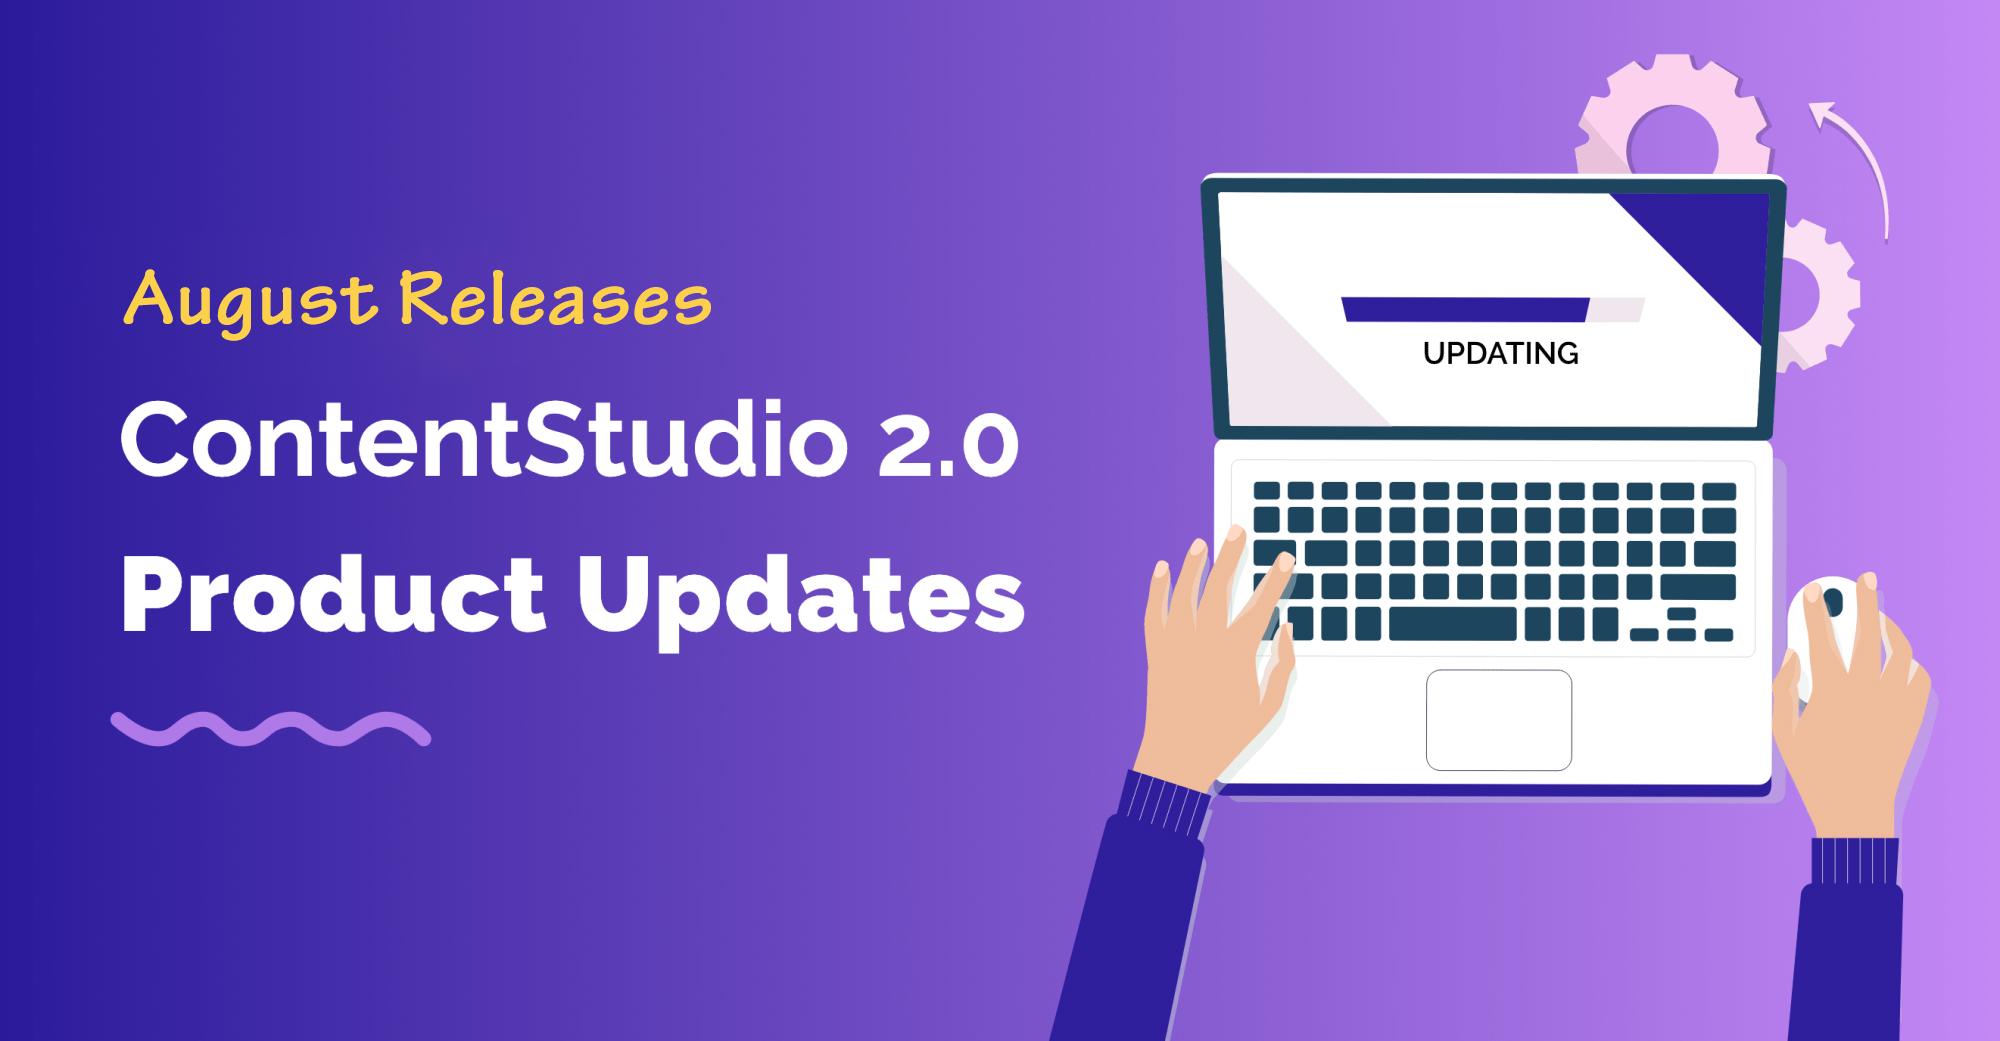 ContentStudio - August Release